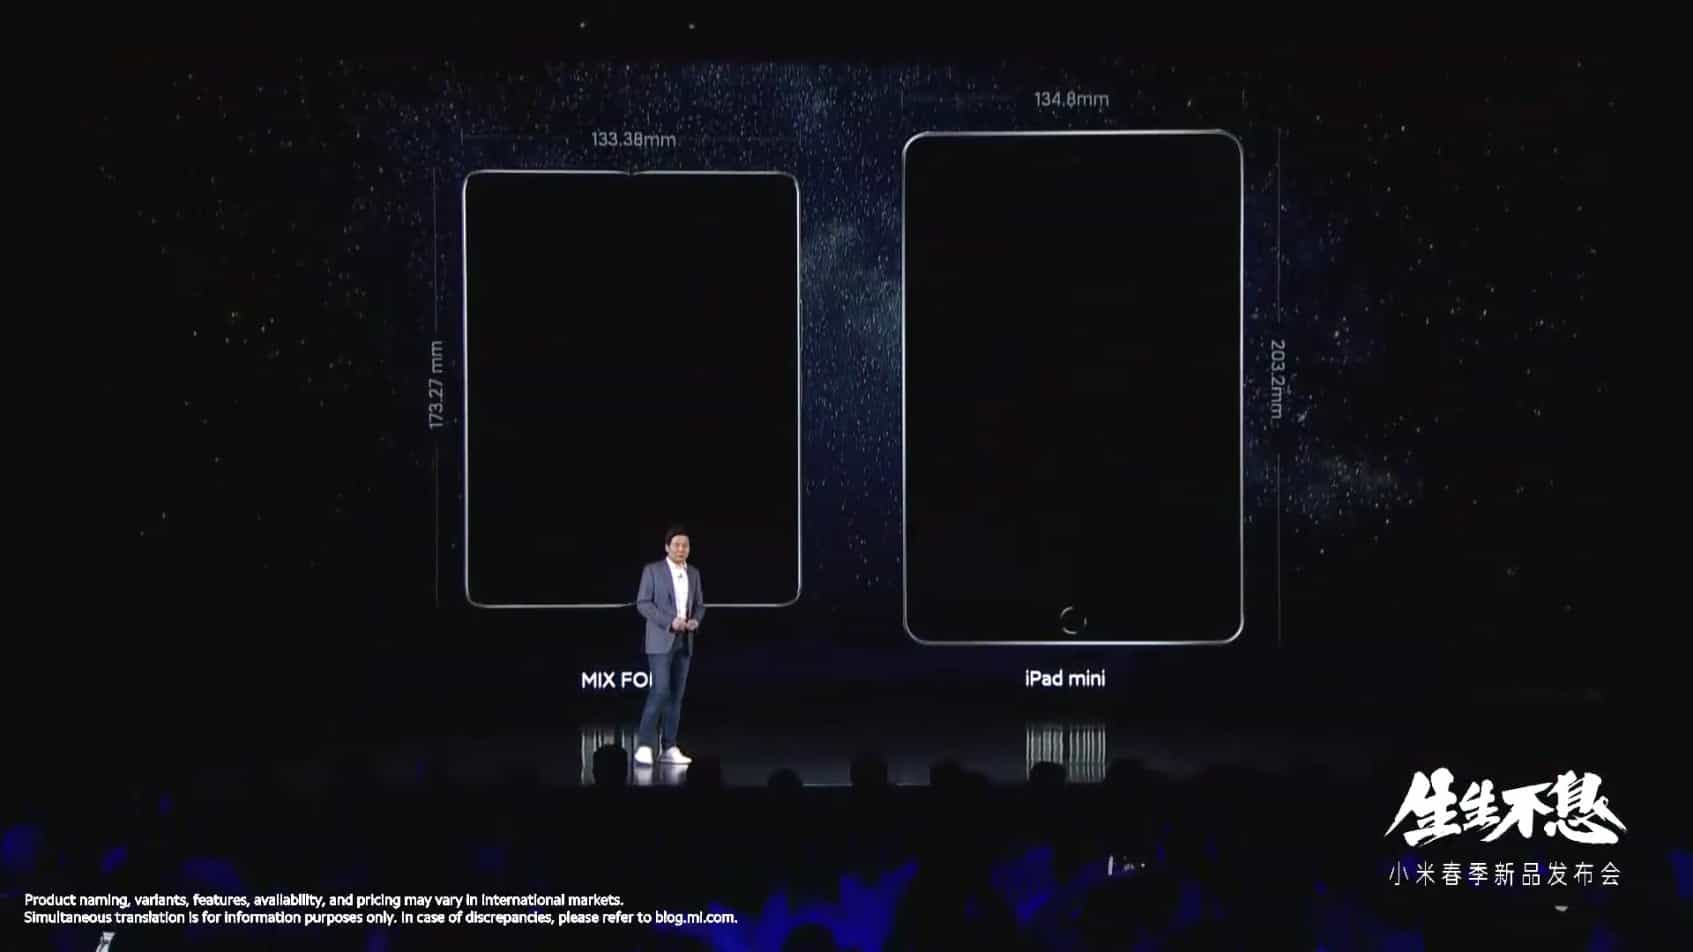 아이패드 미니와 미믹스 폴드의 디스플레이 크기는 거의 비슷하다 / 샤오미 제공